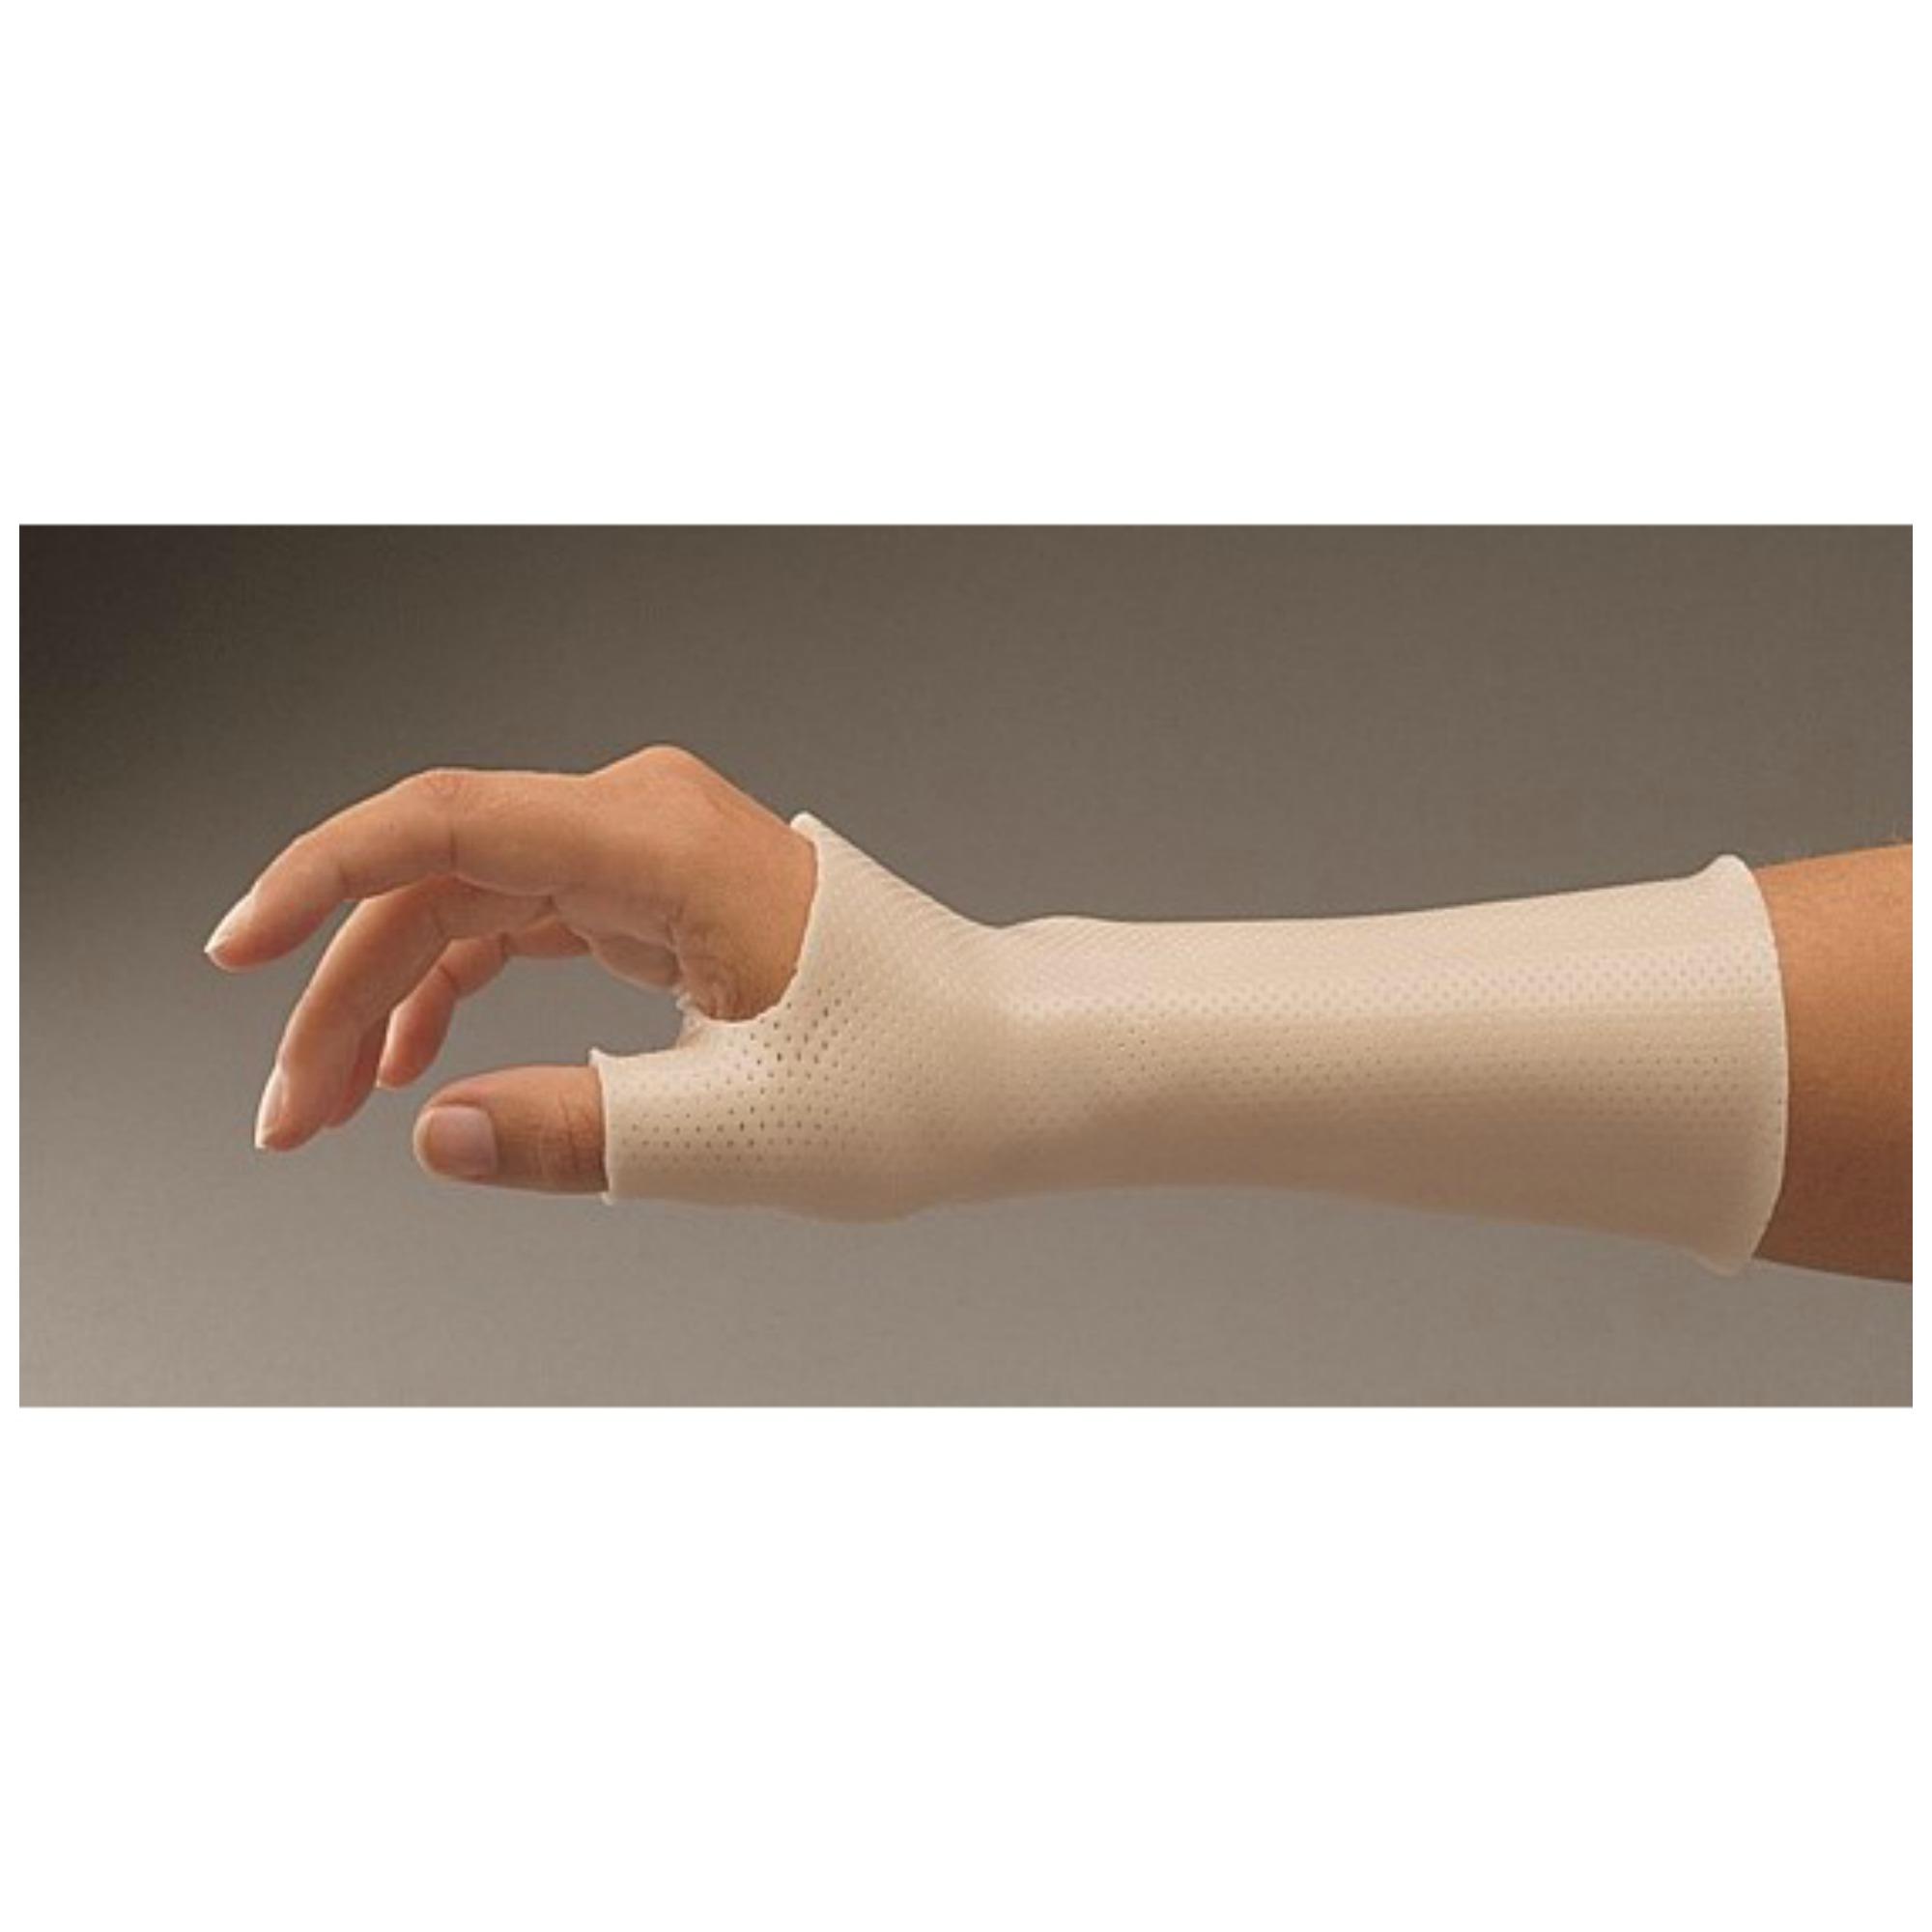 hüvelykujj ízületi fájdalom esés után)